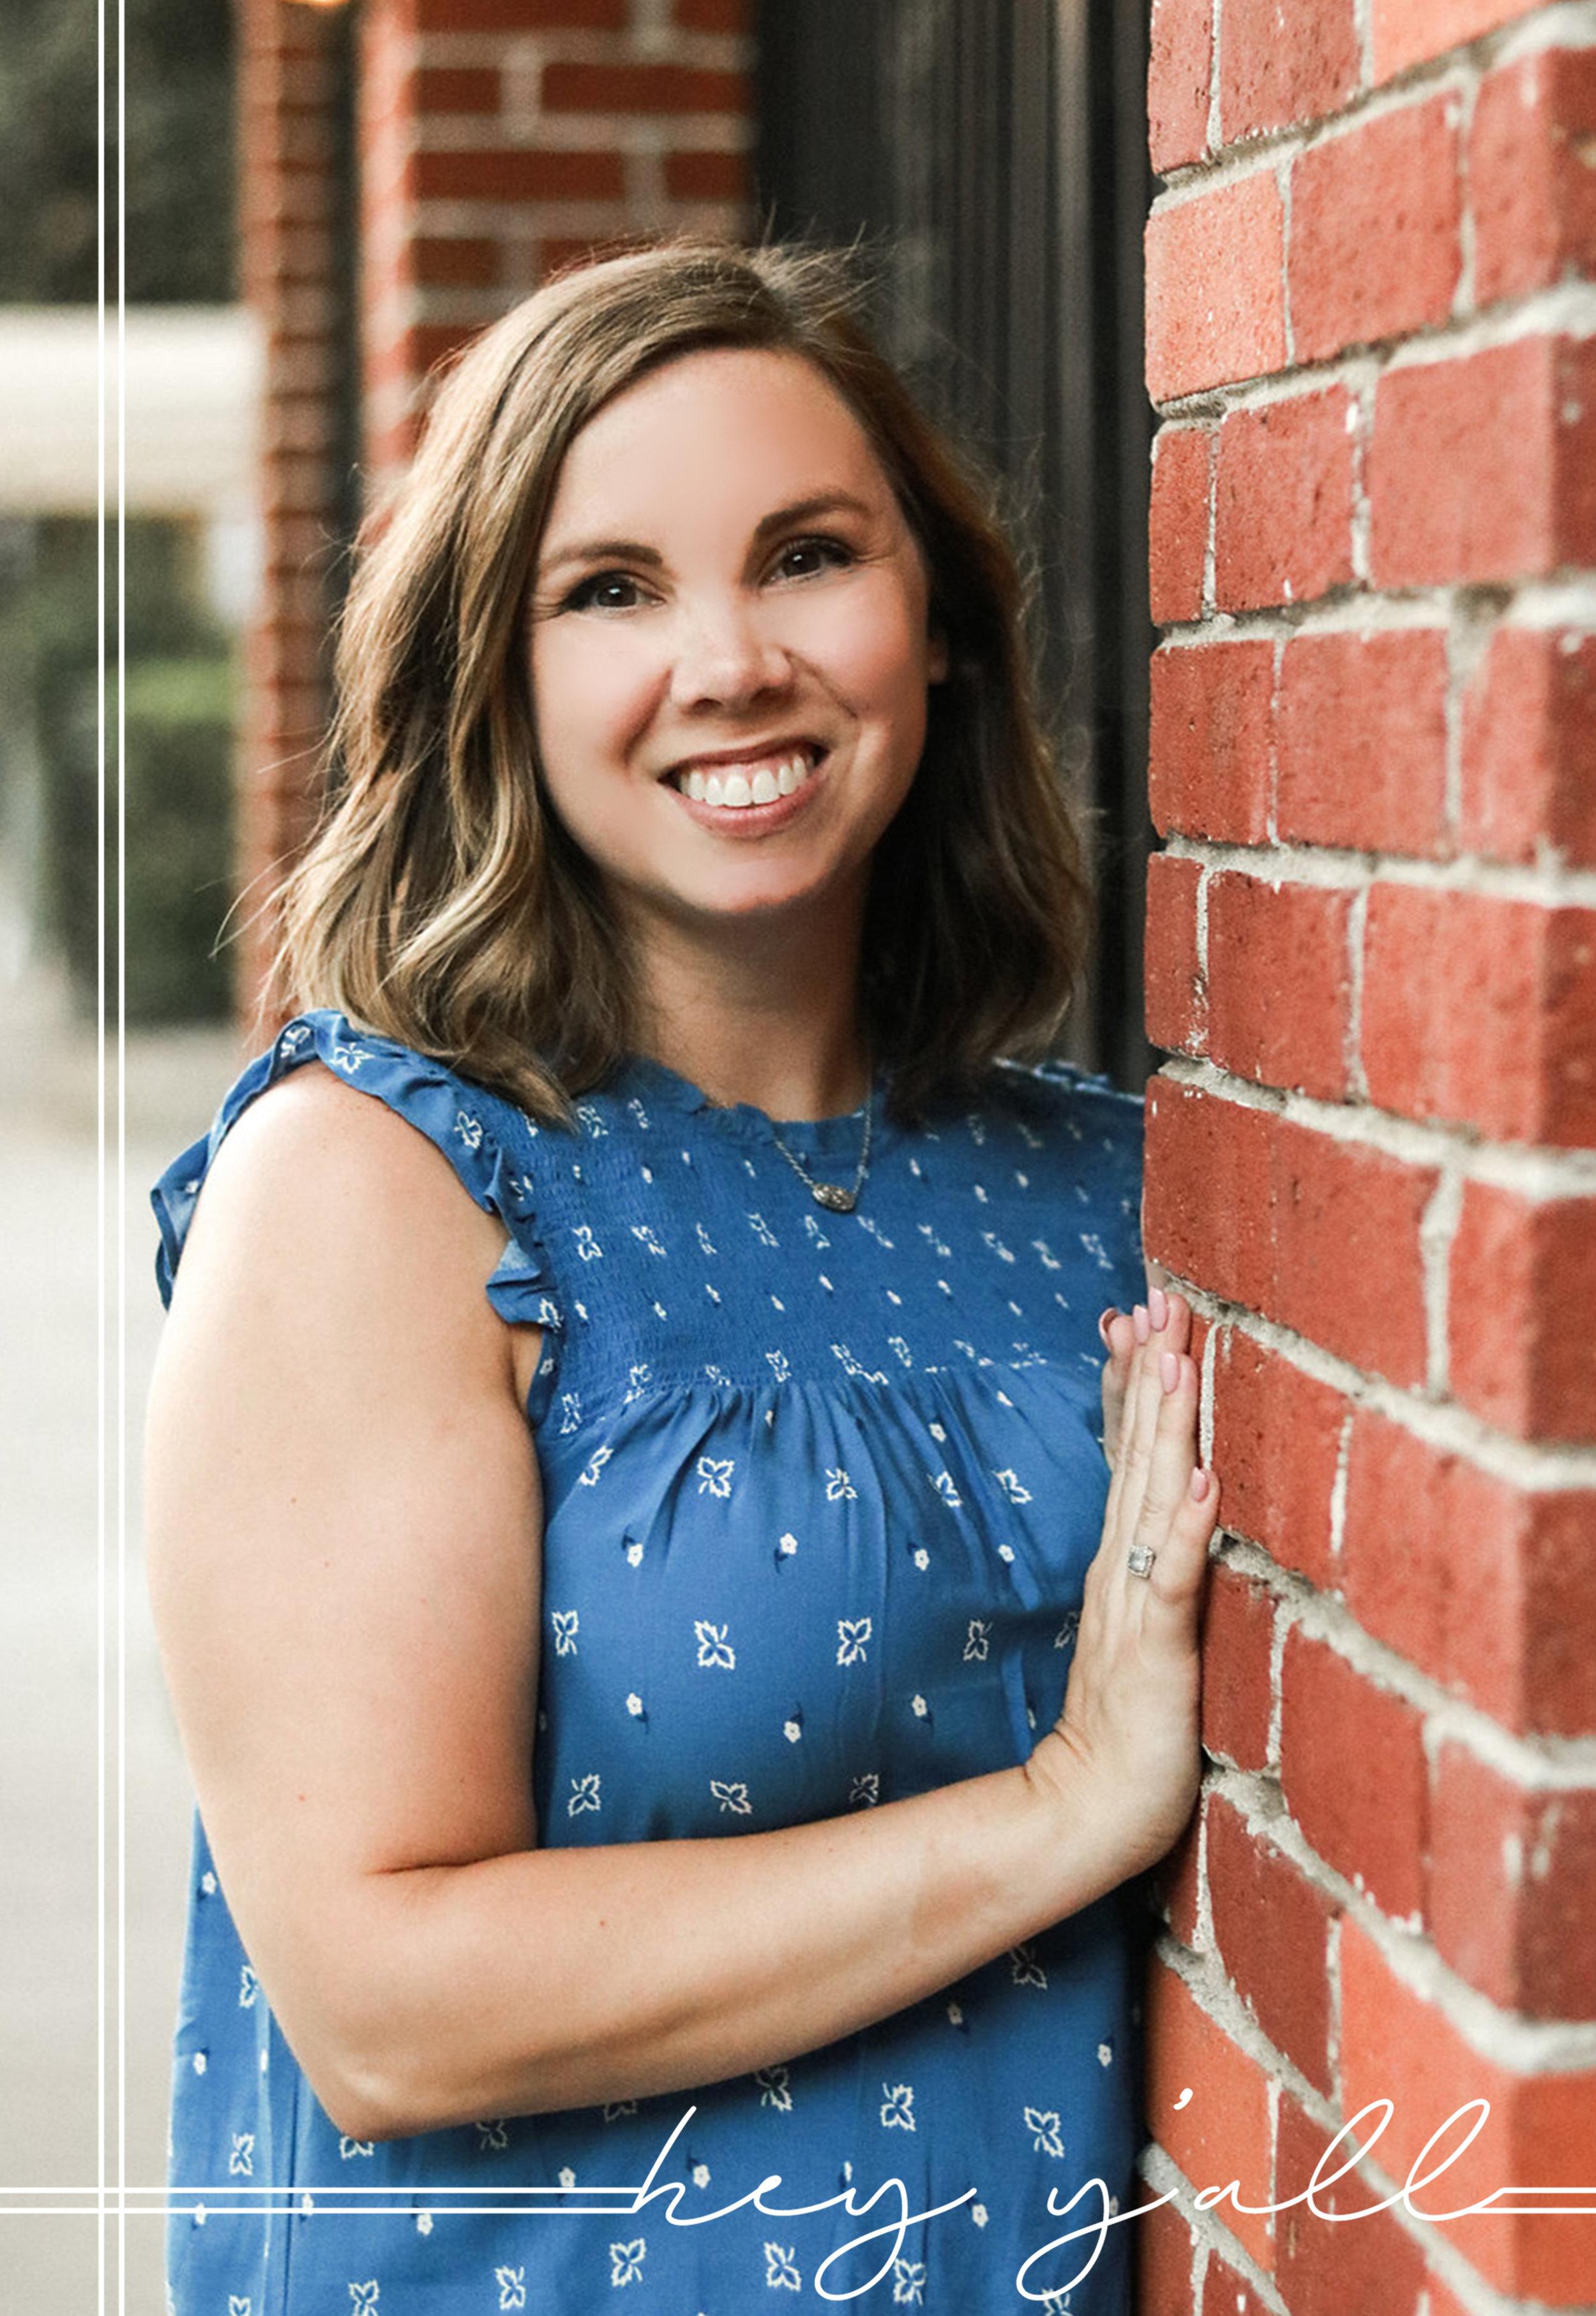 Courtney Kirkland